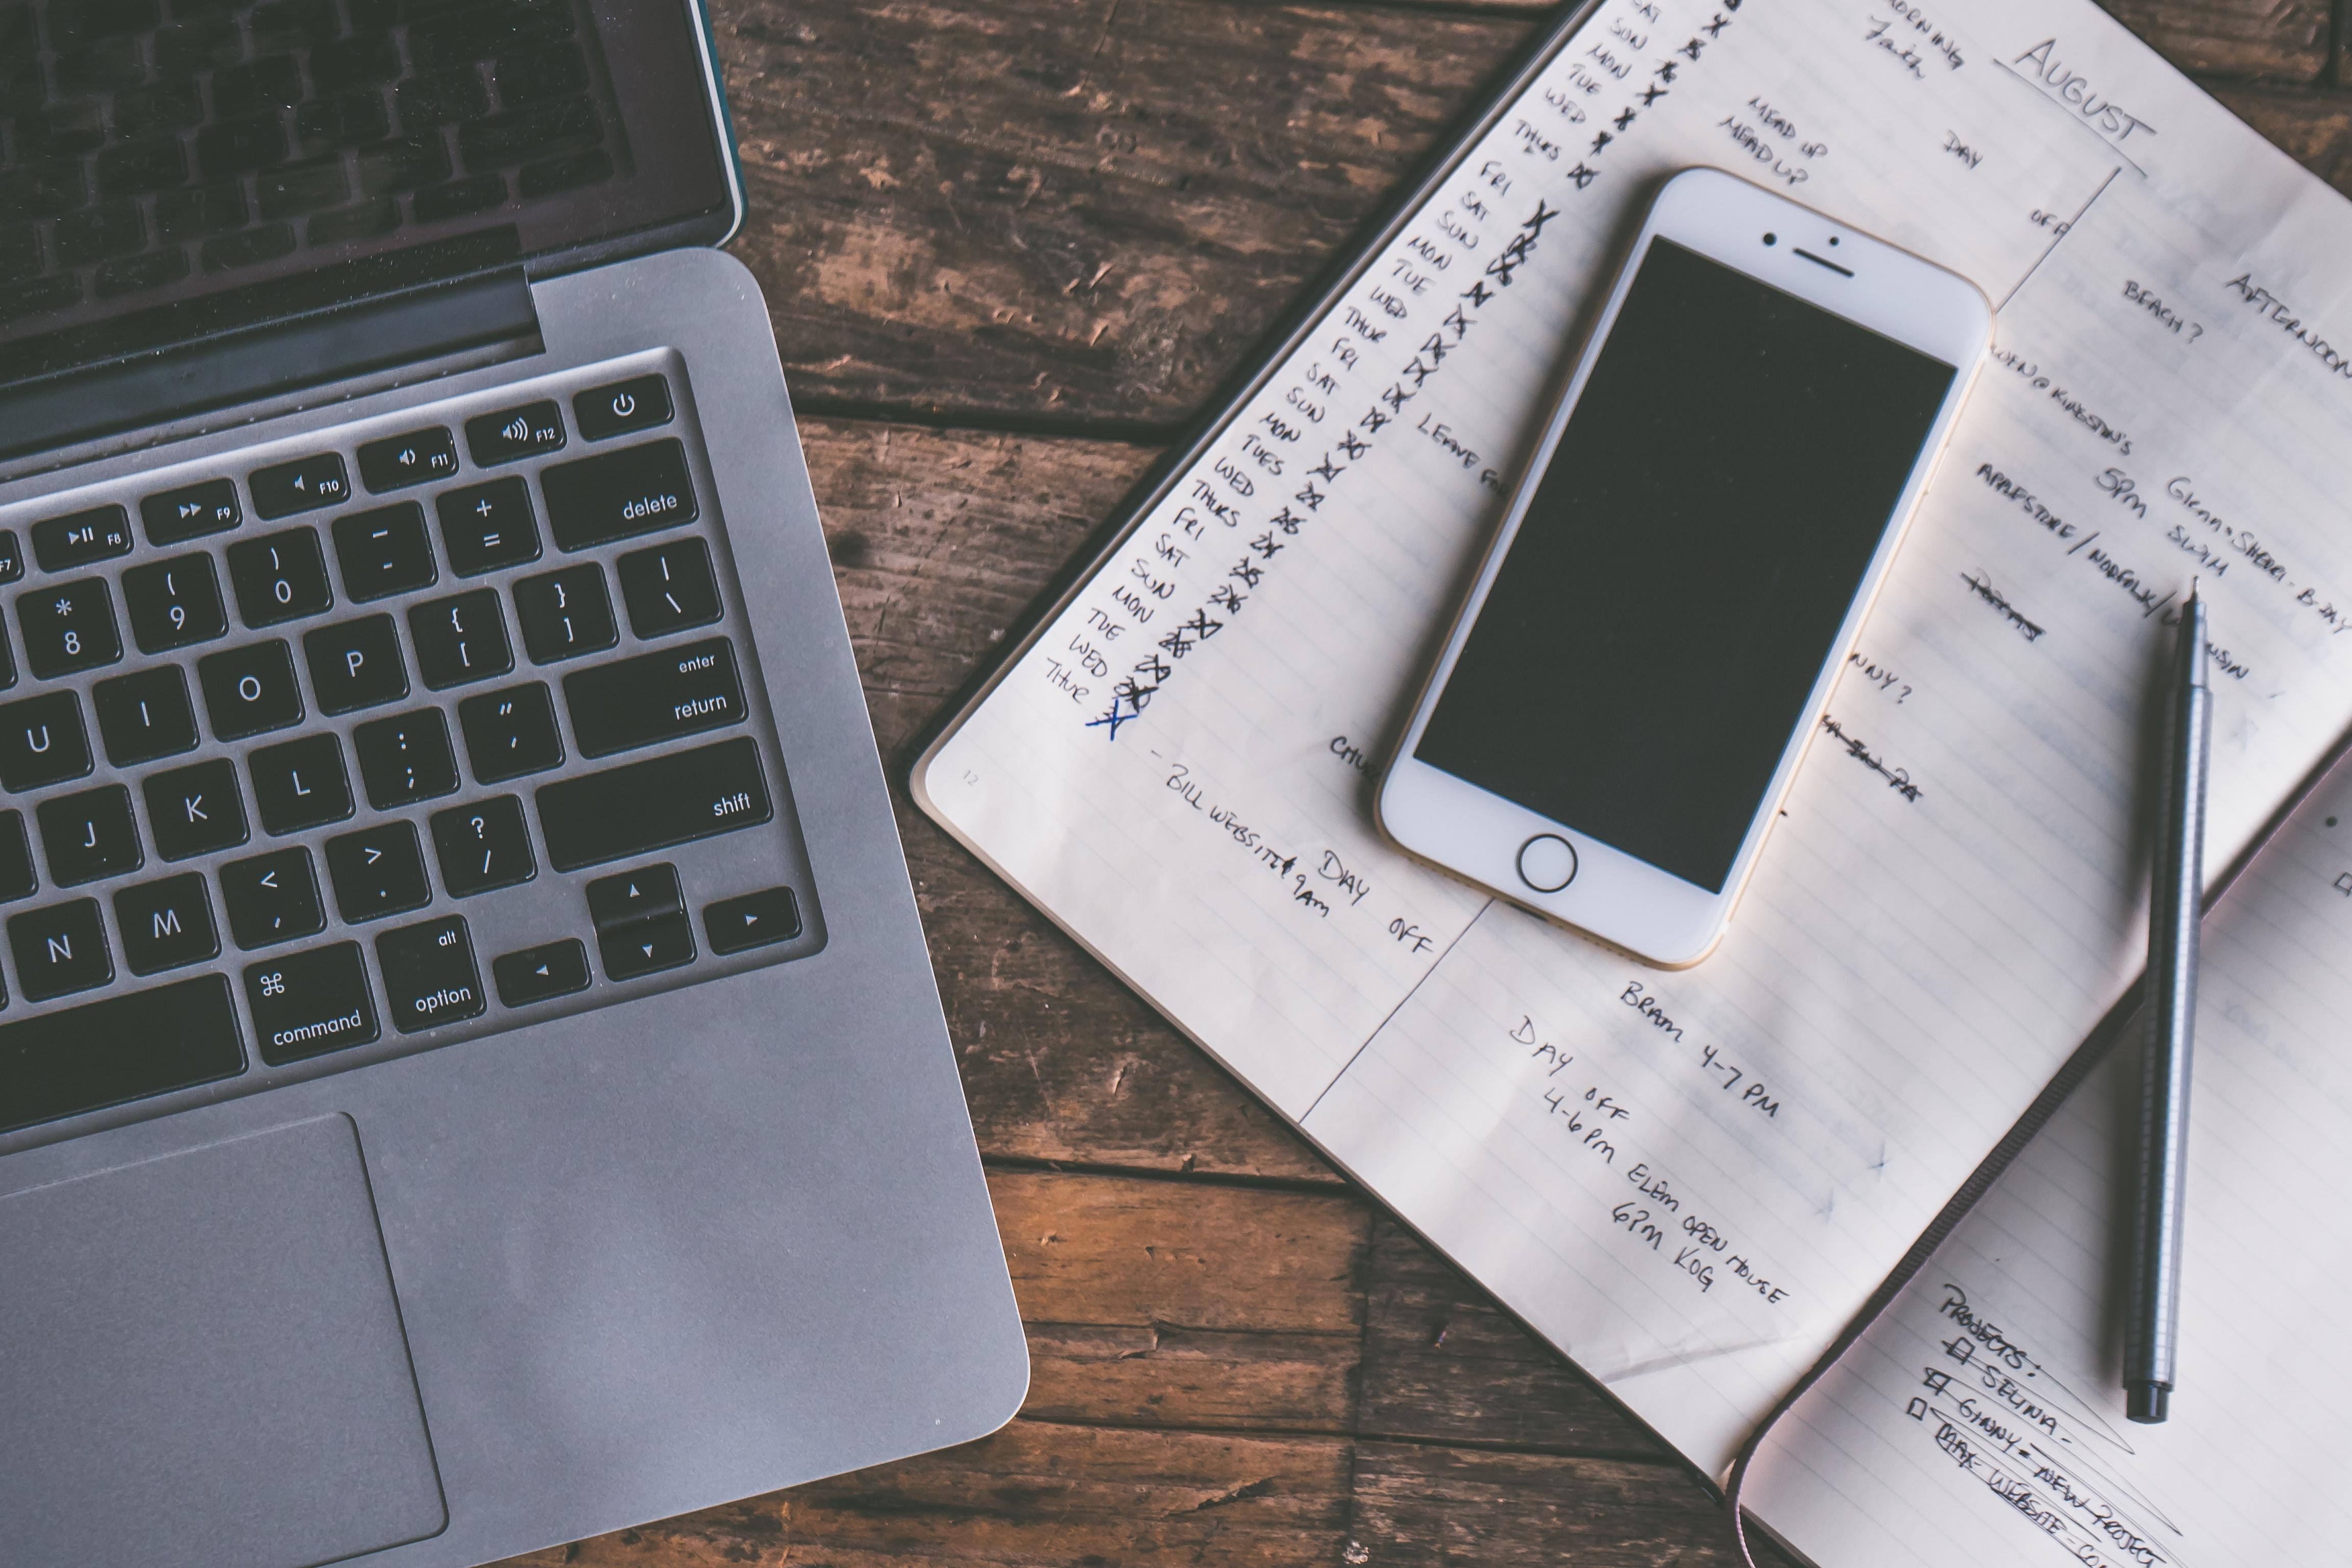 Apprendre à utiliser le Keyword Planner de Google : le Guide Ultime sur la Recherche de Mots-Clés